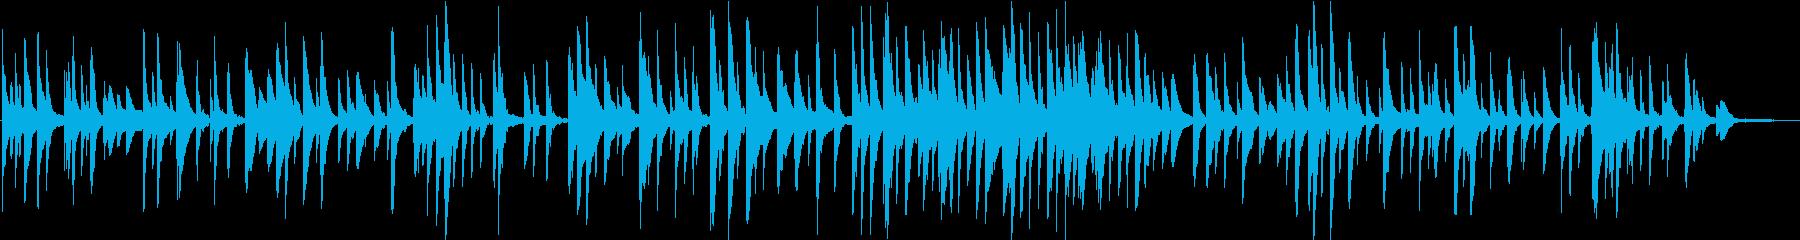 ノスタルジックな終焉 ピアノバラードの再生済みの波形